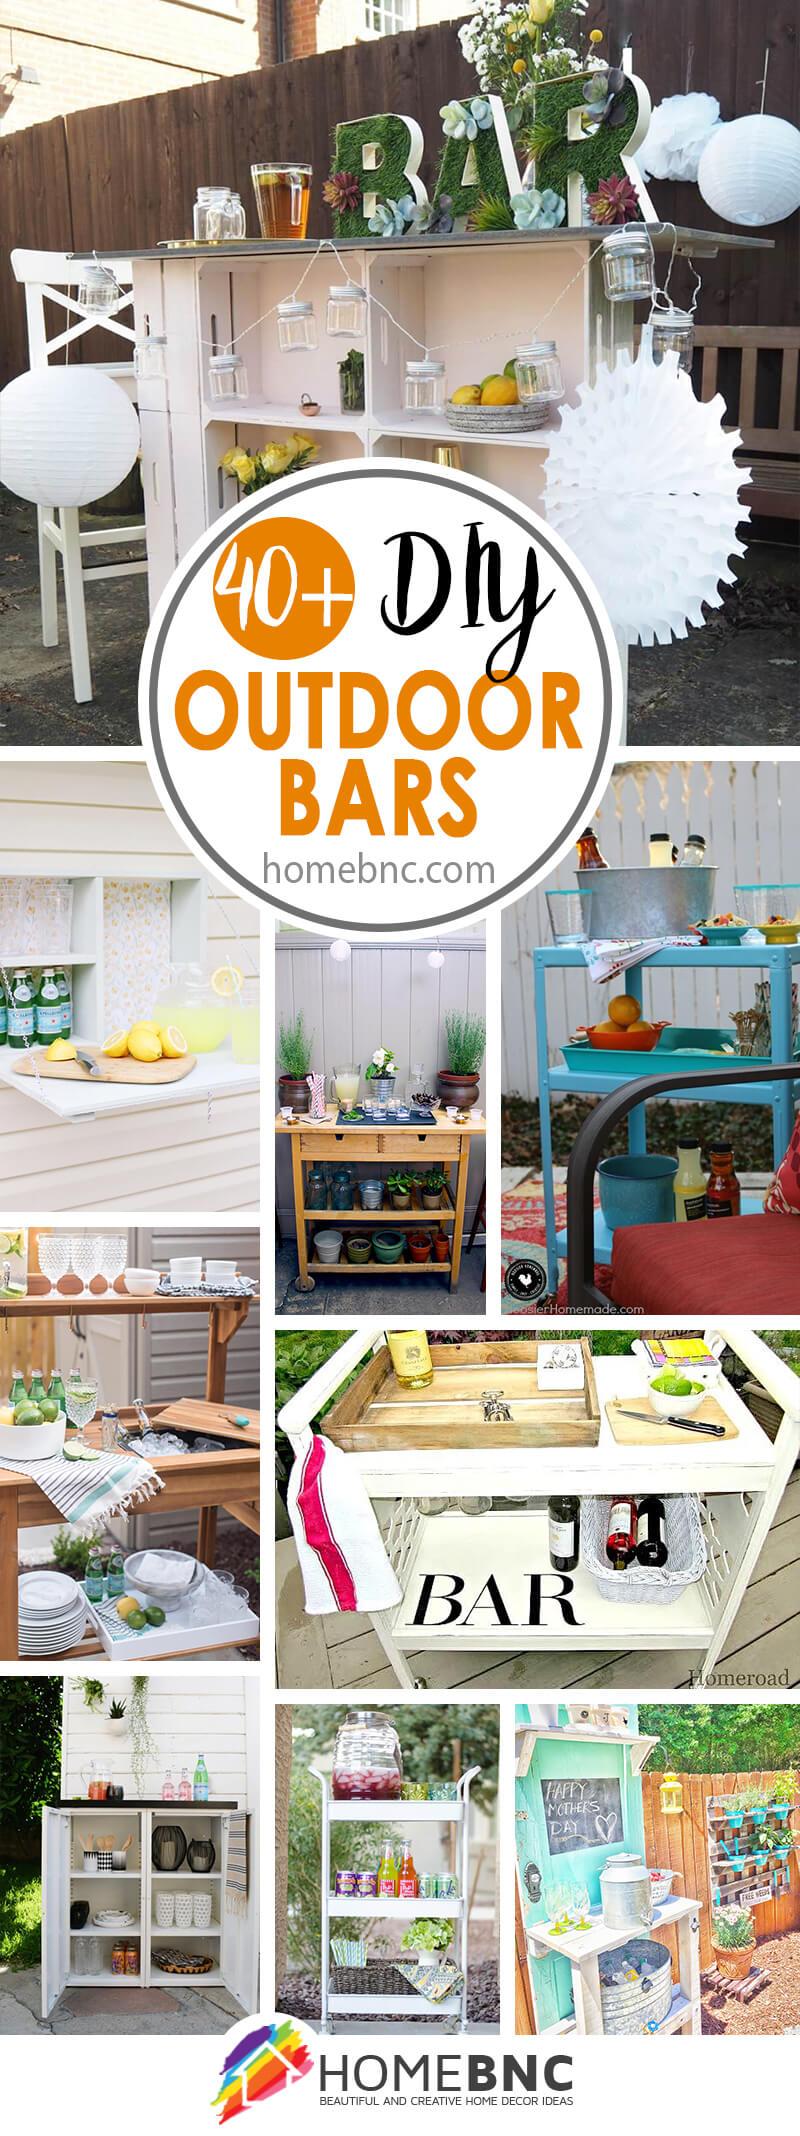 40+-diy-outdoor-bar-ideas-pinterest-share-homebnc